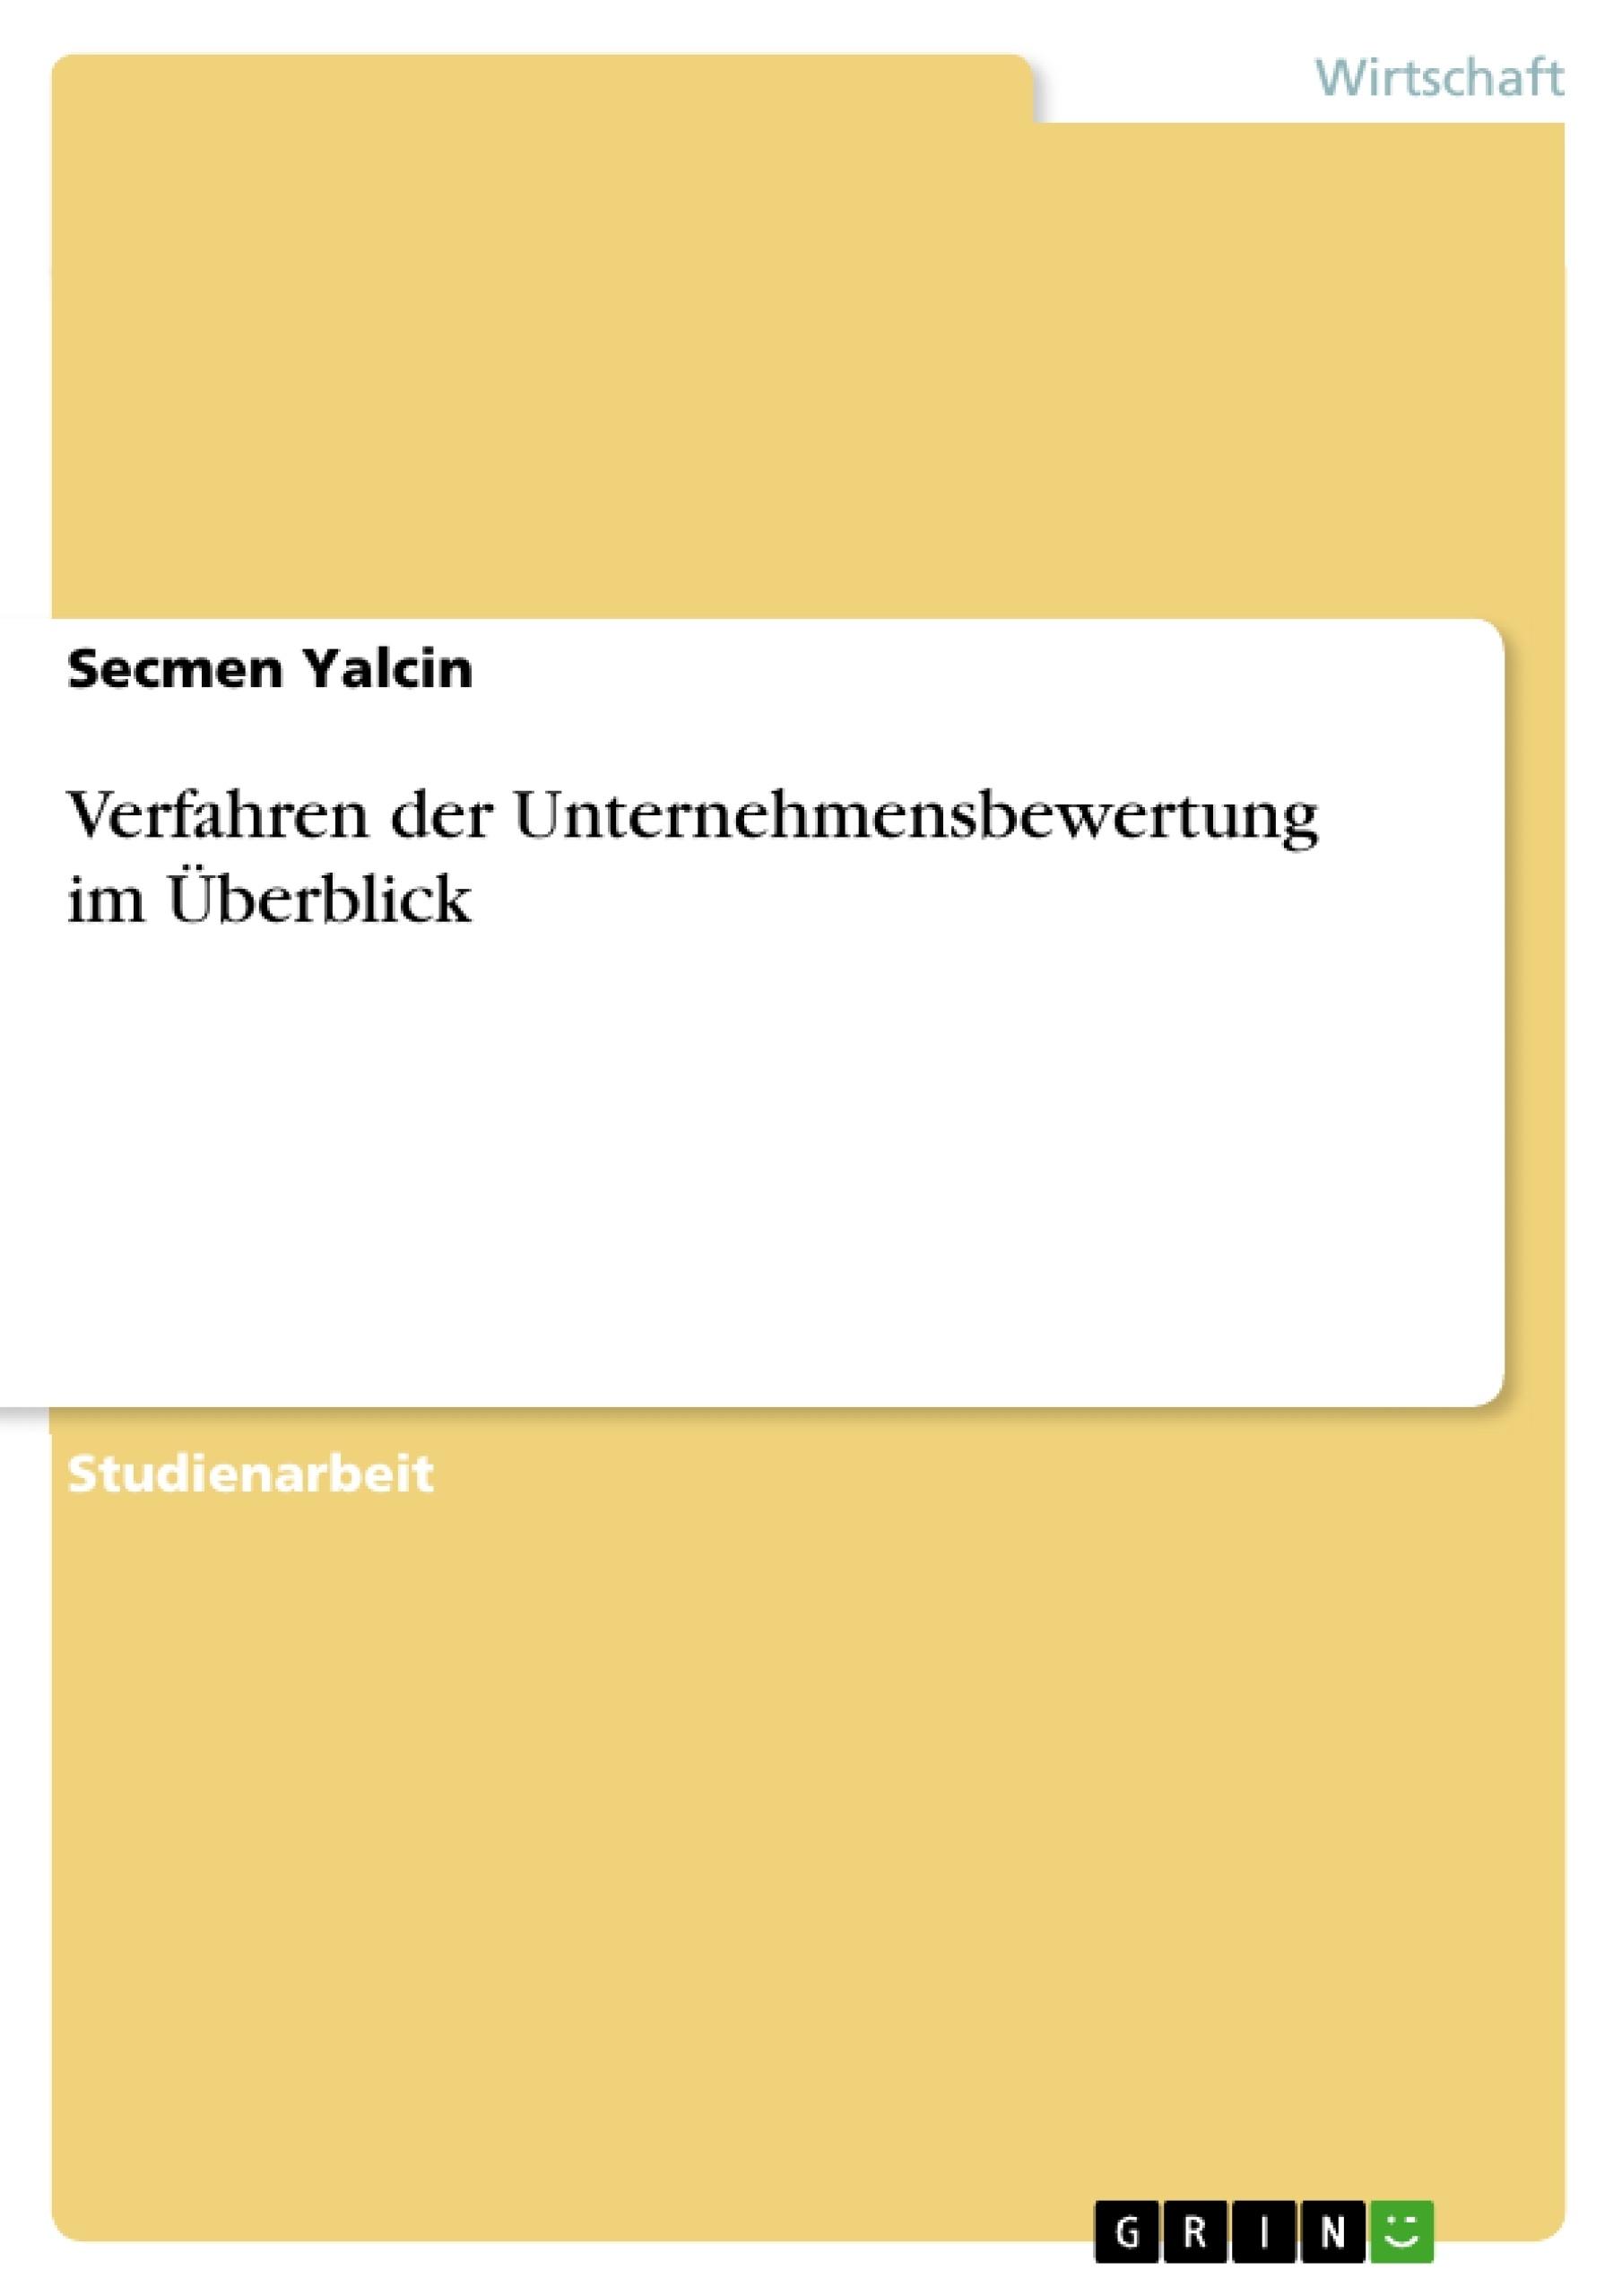 Titel: Verfahren der Unternehmensbewertung im Überblick